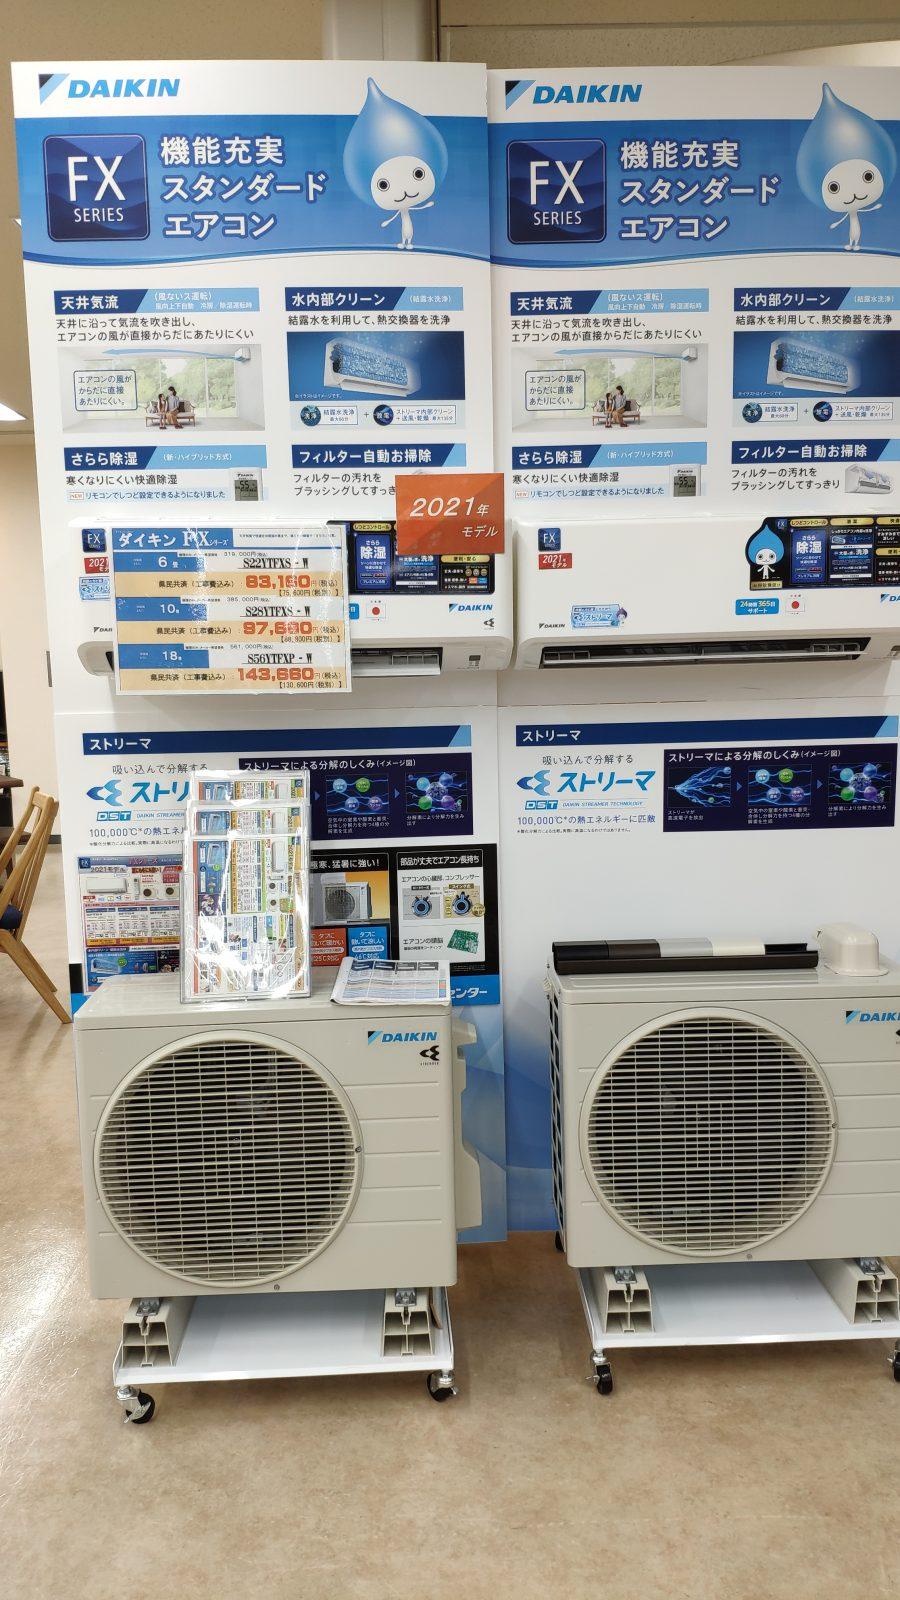 ダイキンFXシリーズのエアコン